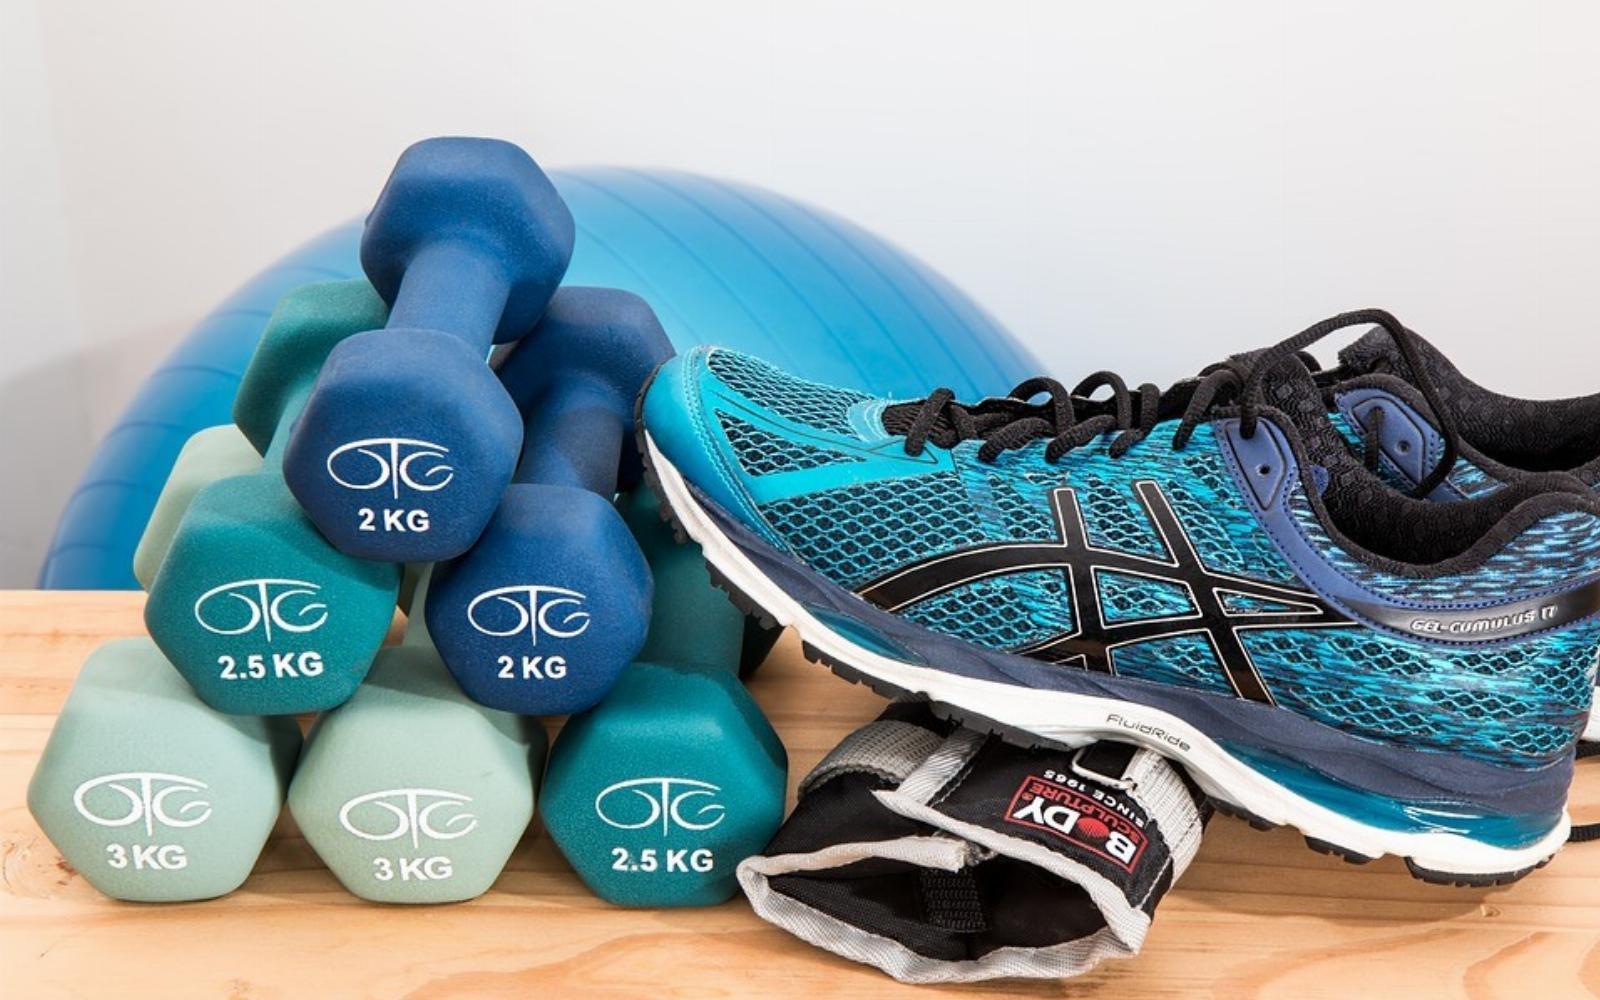 visszhang kg magas vérnyomás esetén táskák a szem alatt magas vérnyomásban